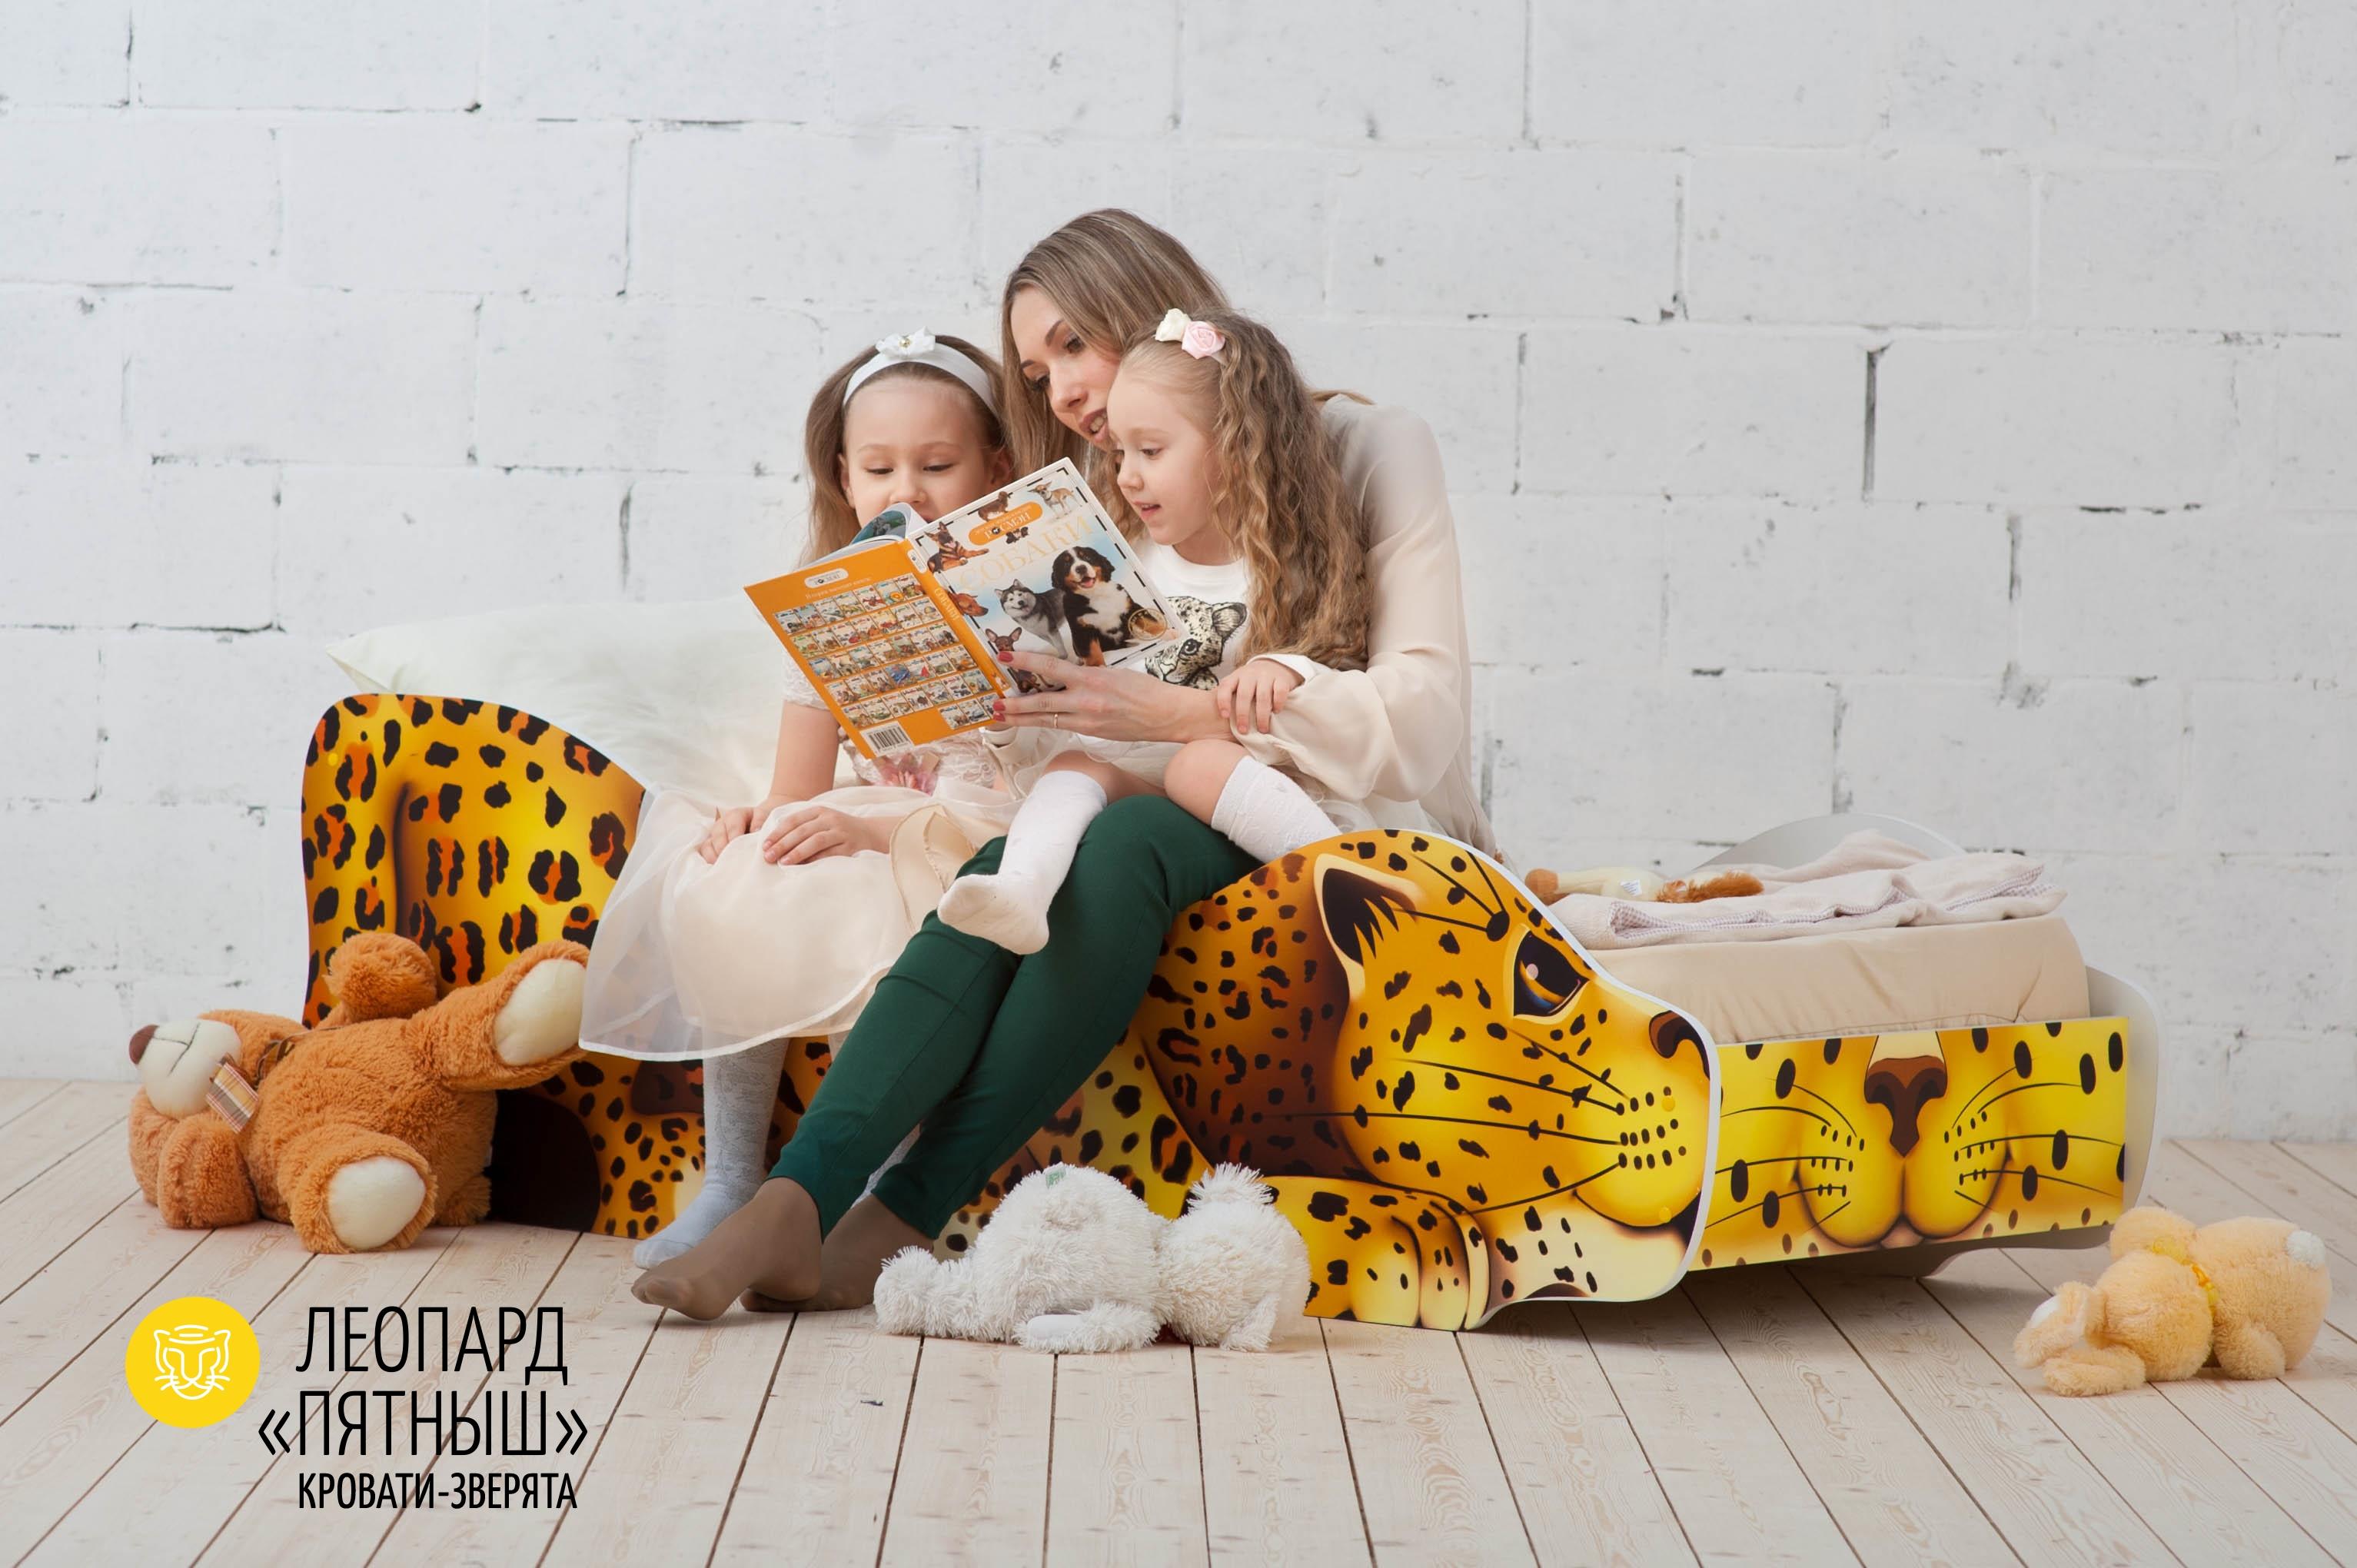 Детская кровать-зверенок -Леопард-Пятныш-7